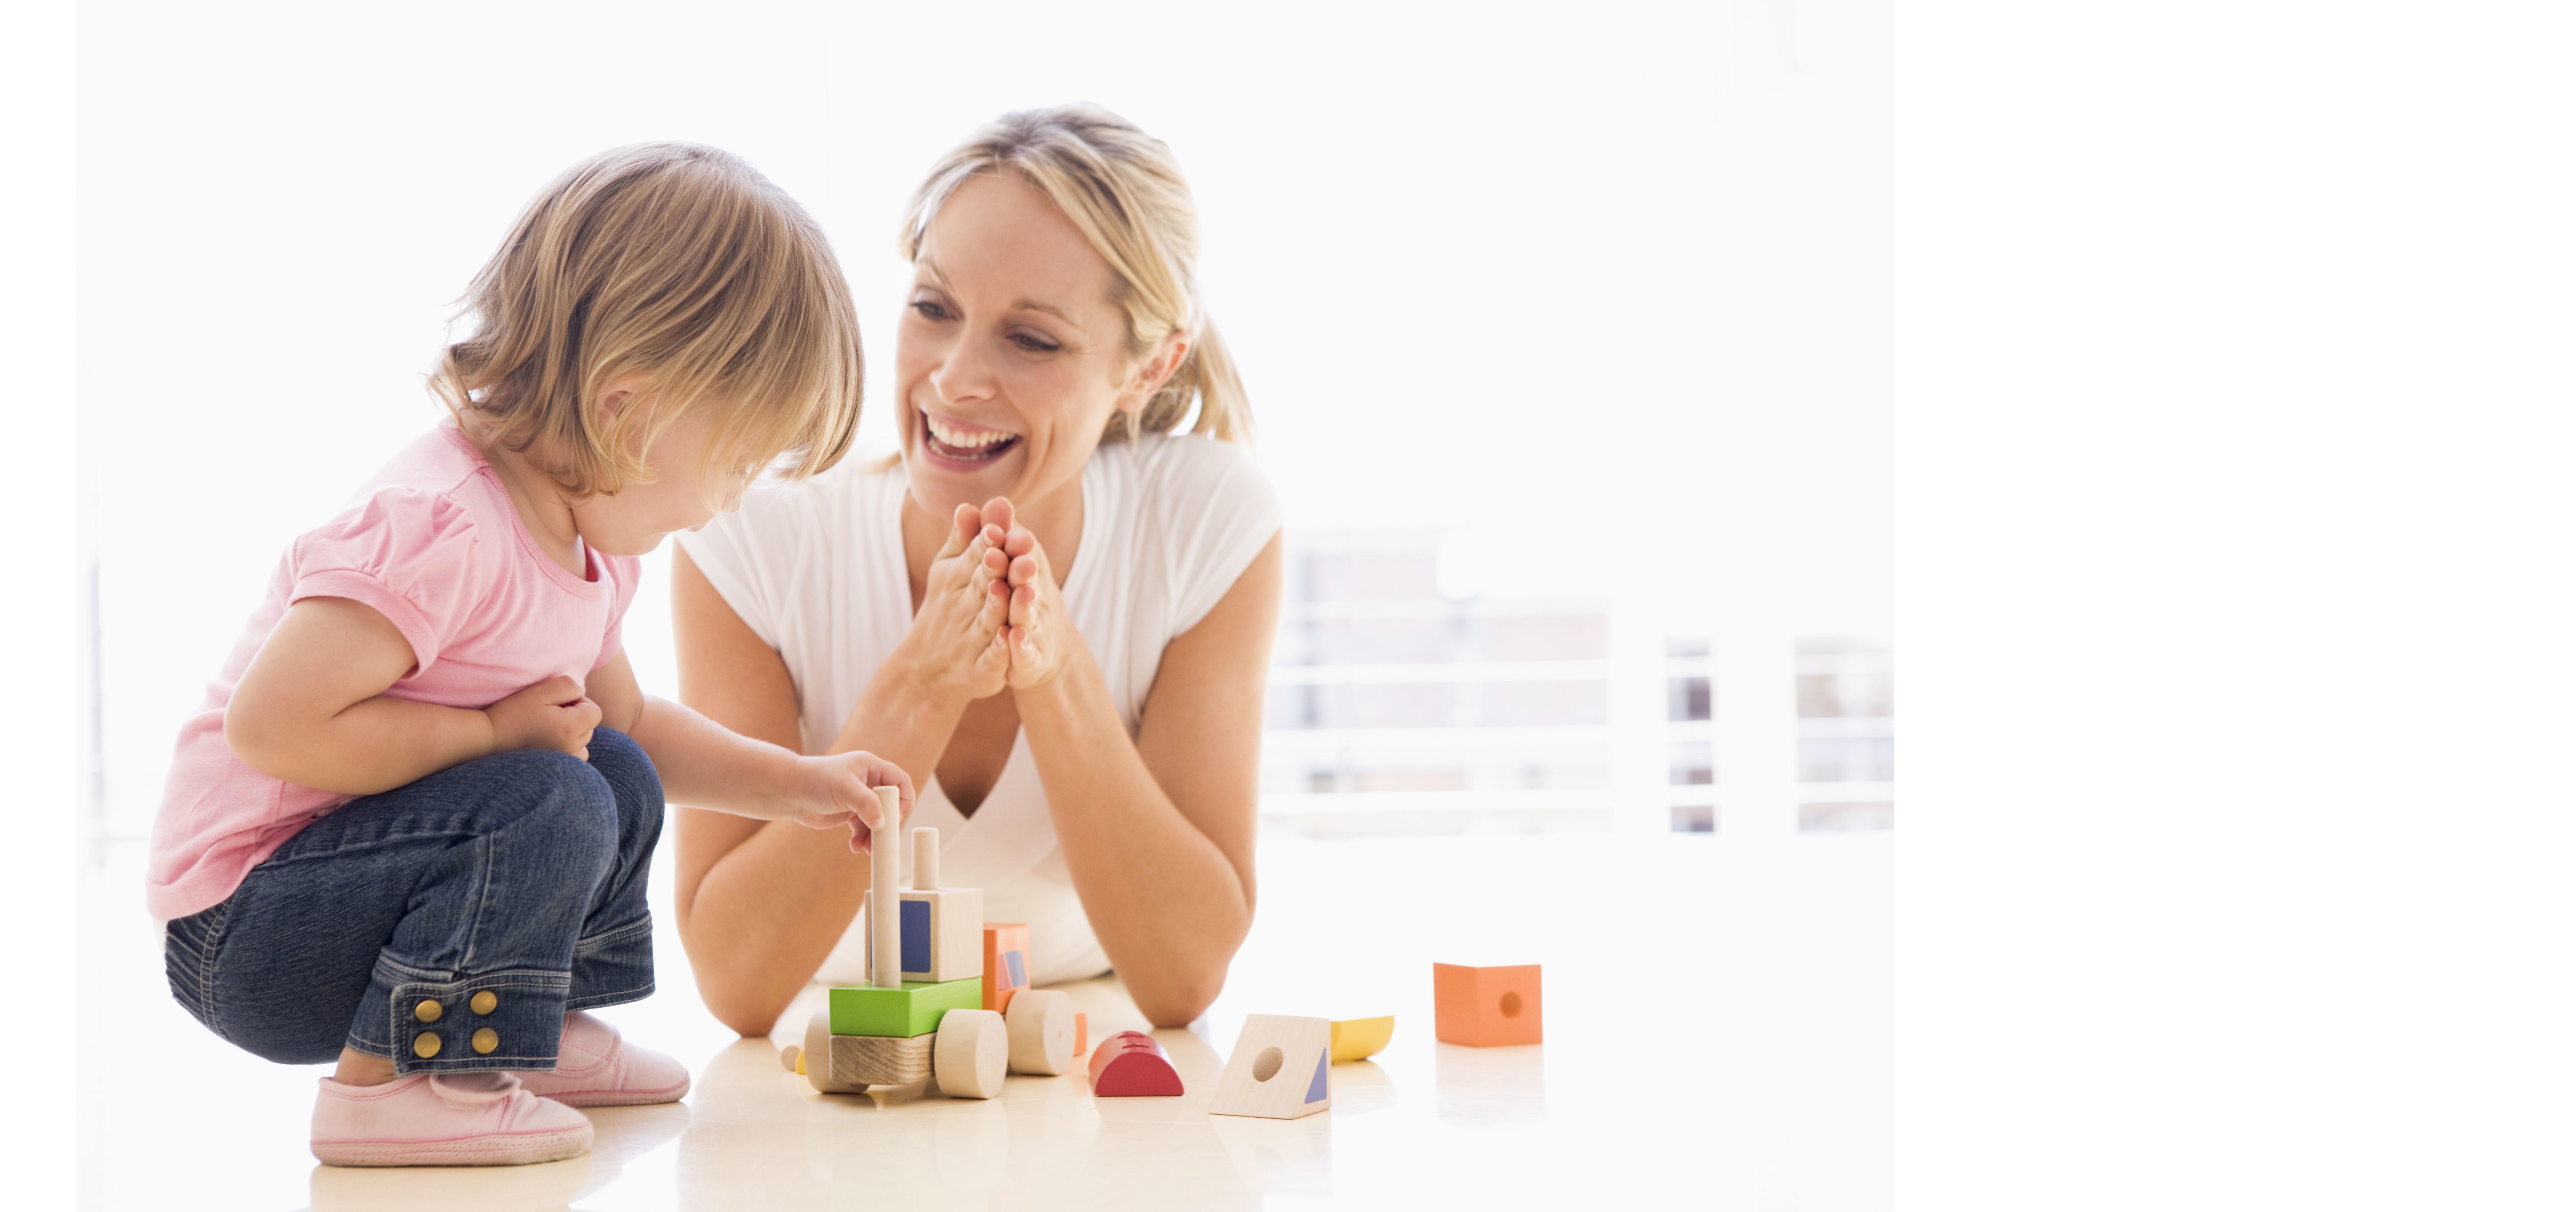 Refuerzo positivo a los niños y jóvenes contra las etiquetas